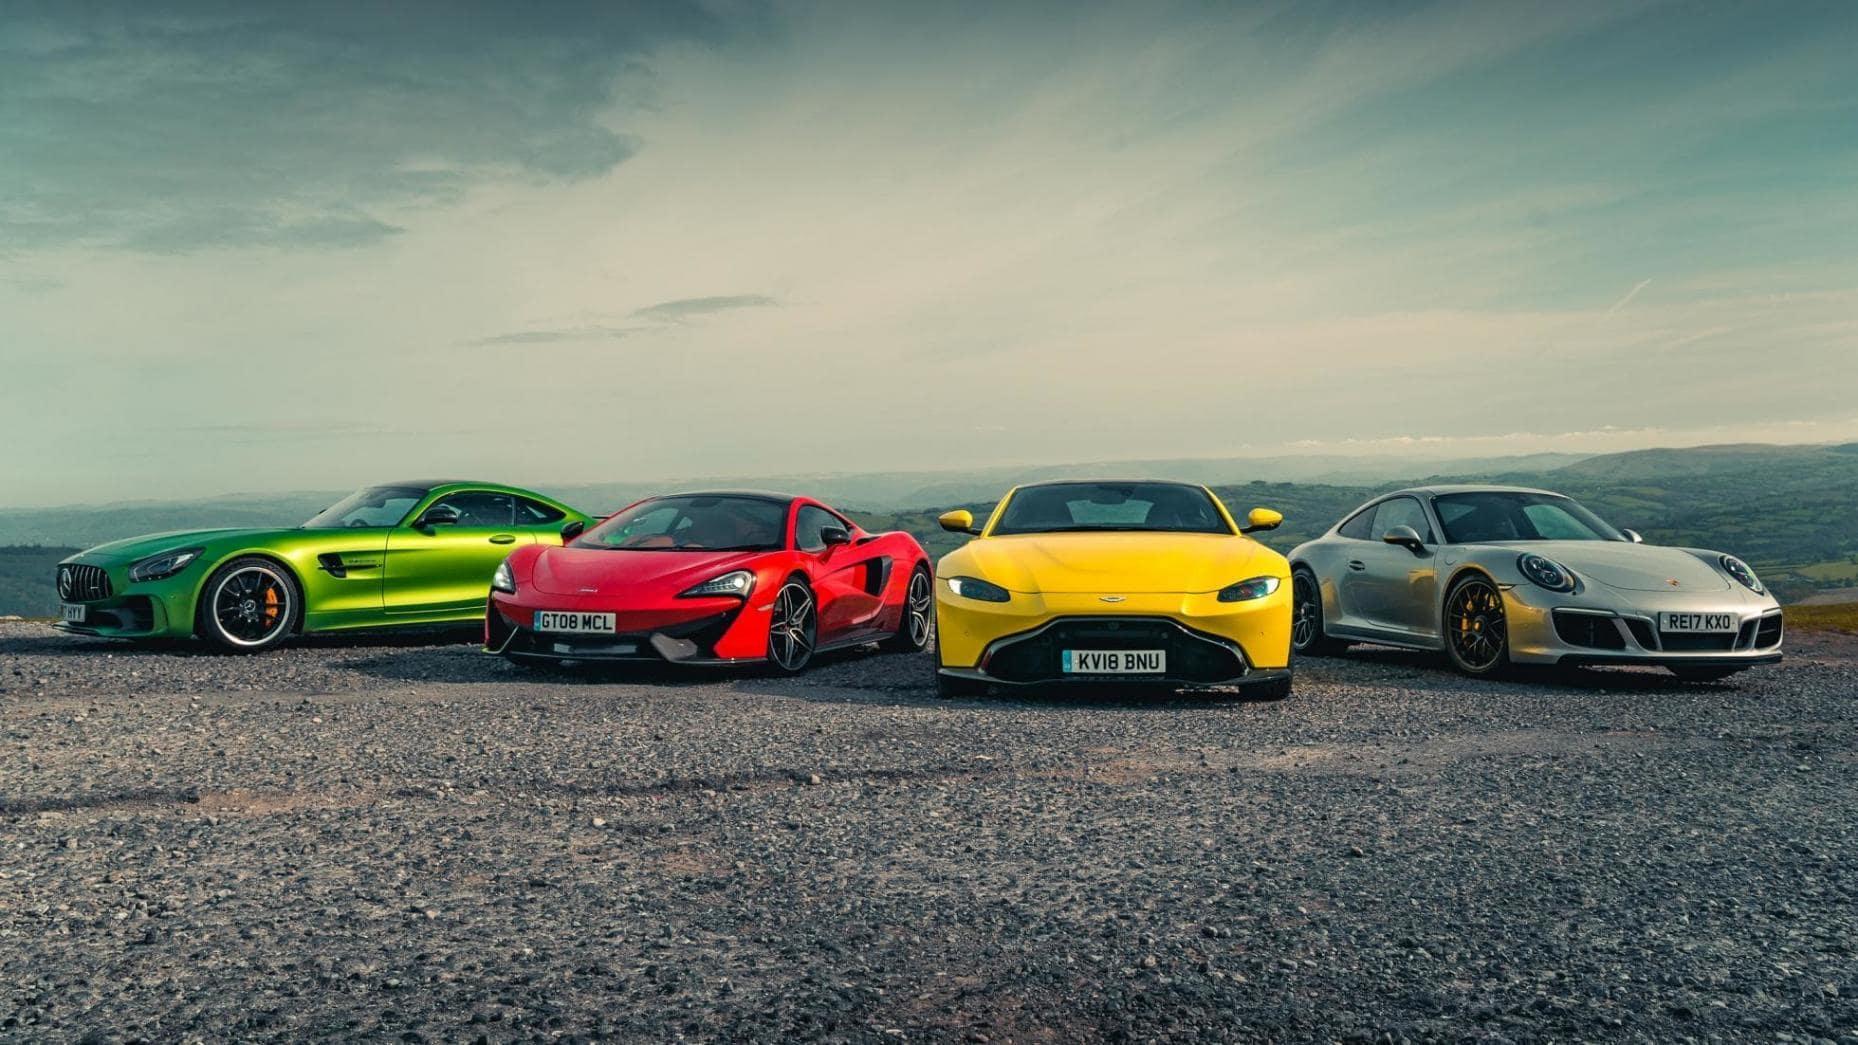 Mercedes-AMG GT R, McLaren 570GT, Aston Martin Vantage, Porsche 911 GTS (2018)